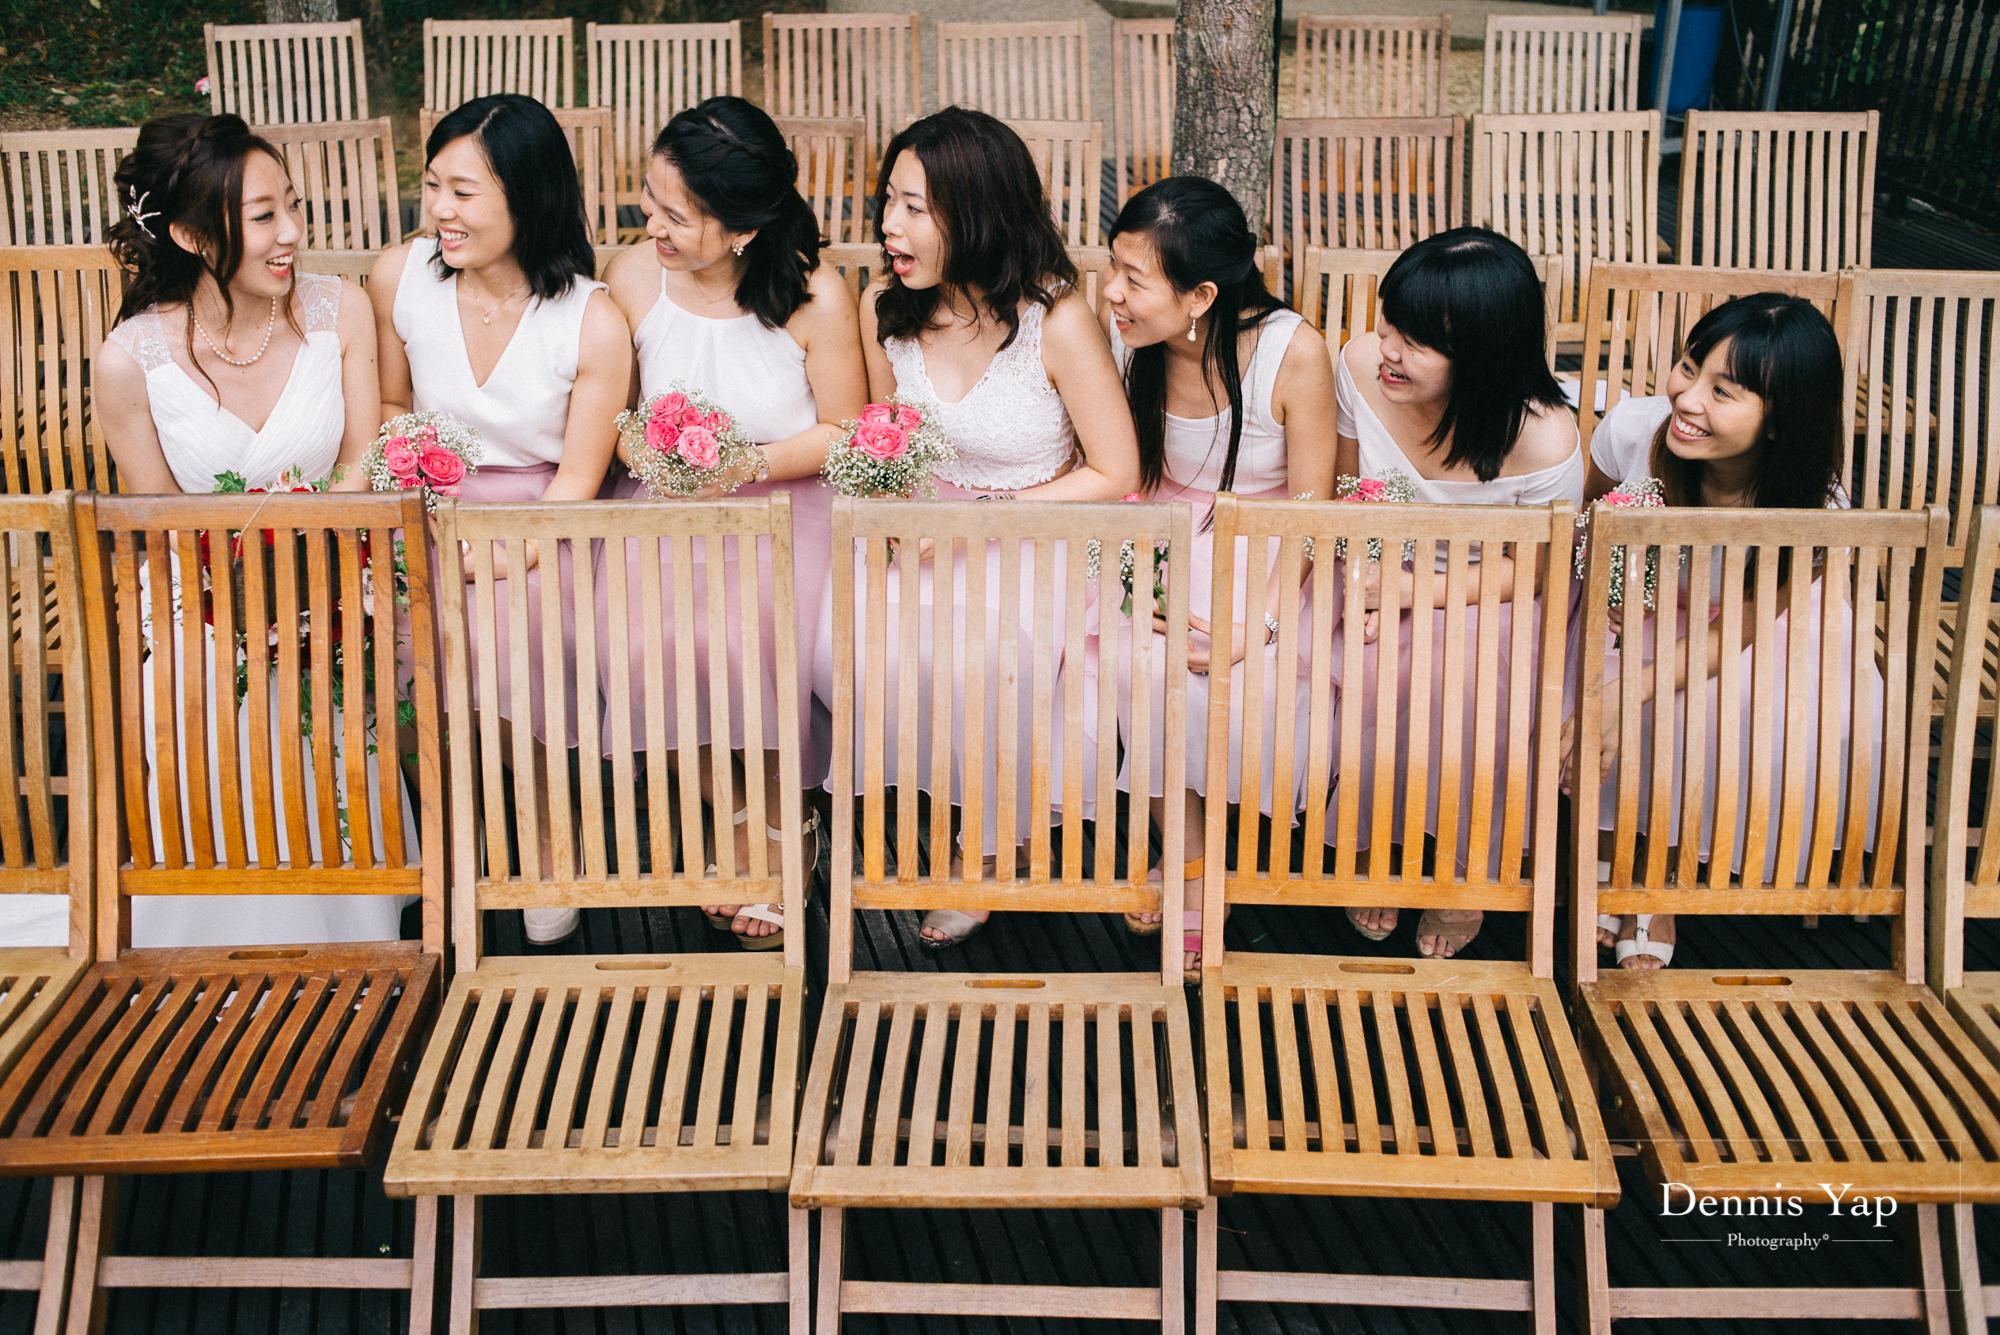 jason su lin rom registration gita bayu serdang wedding reception ceremony dennis yap photography fog malaysia-34.jpg